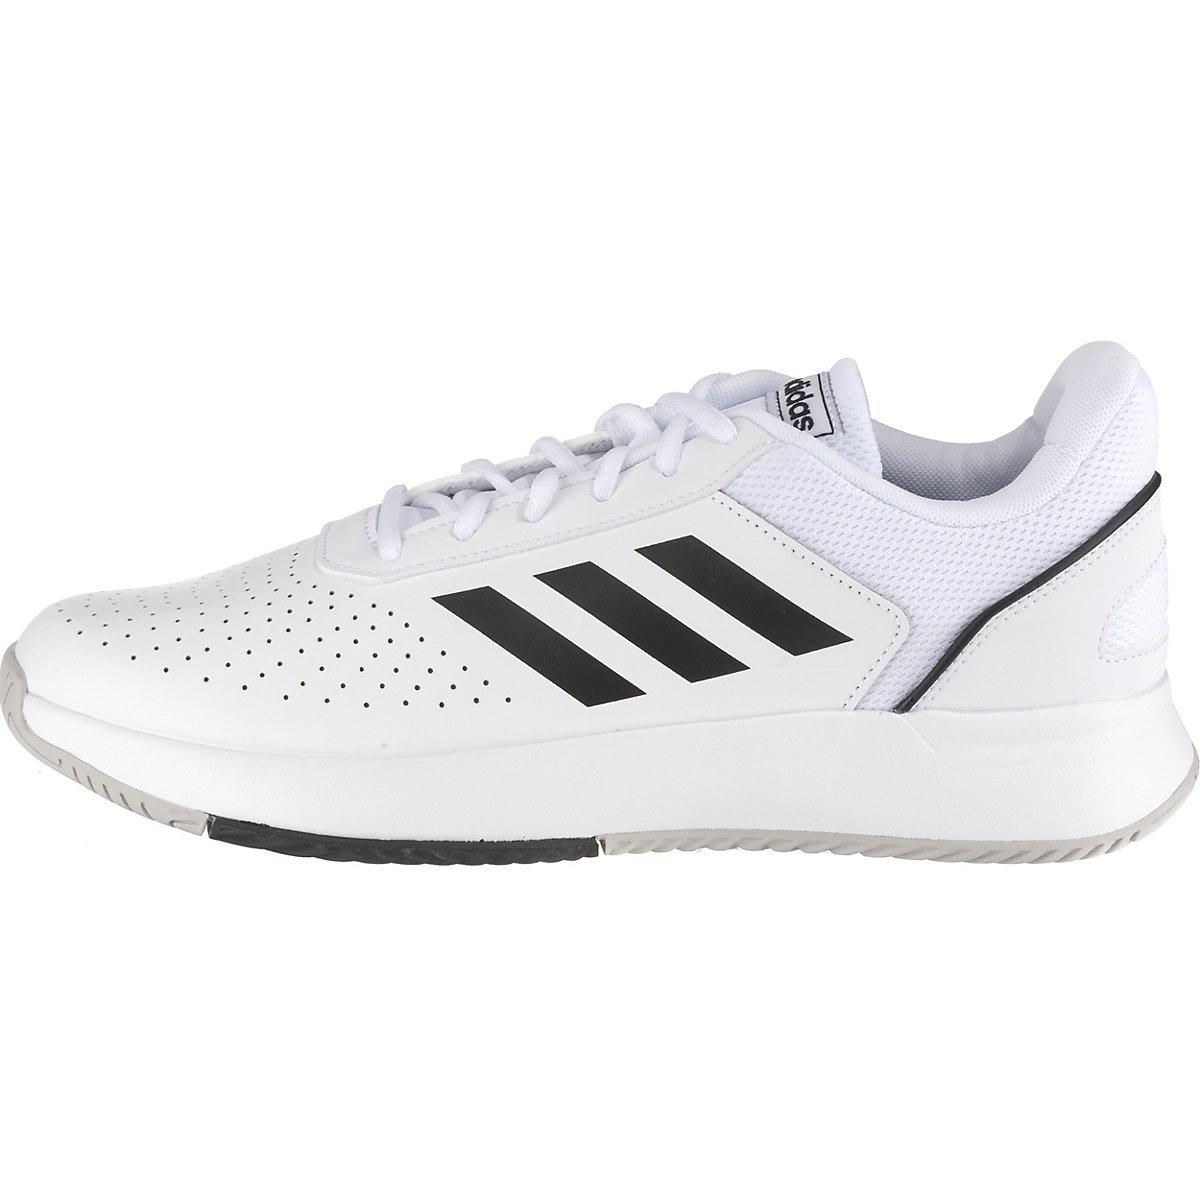 Adidas Performance, Courtsmash Tennisschuhe, Weiß